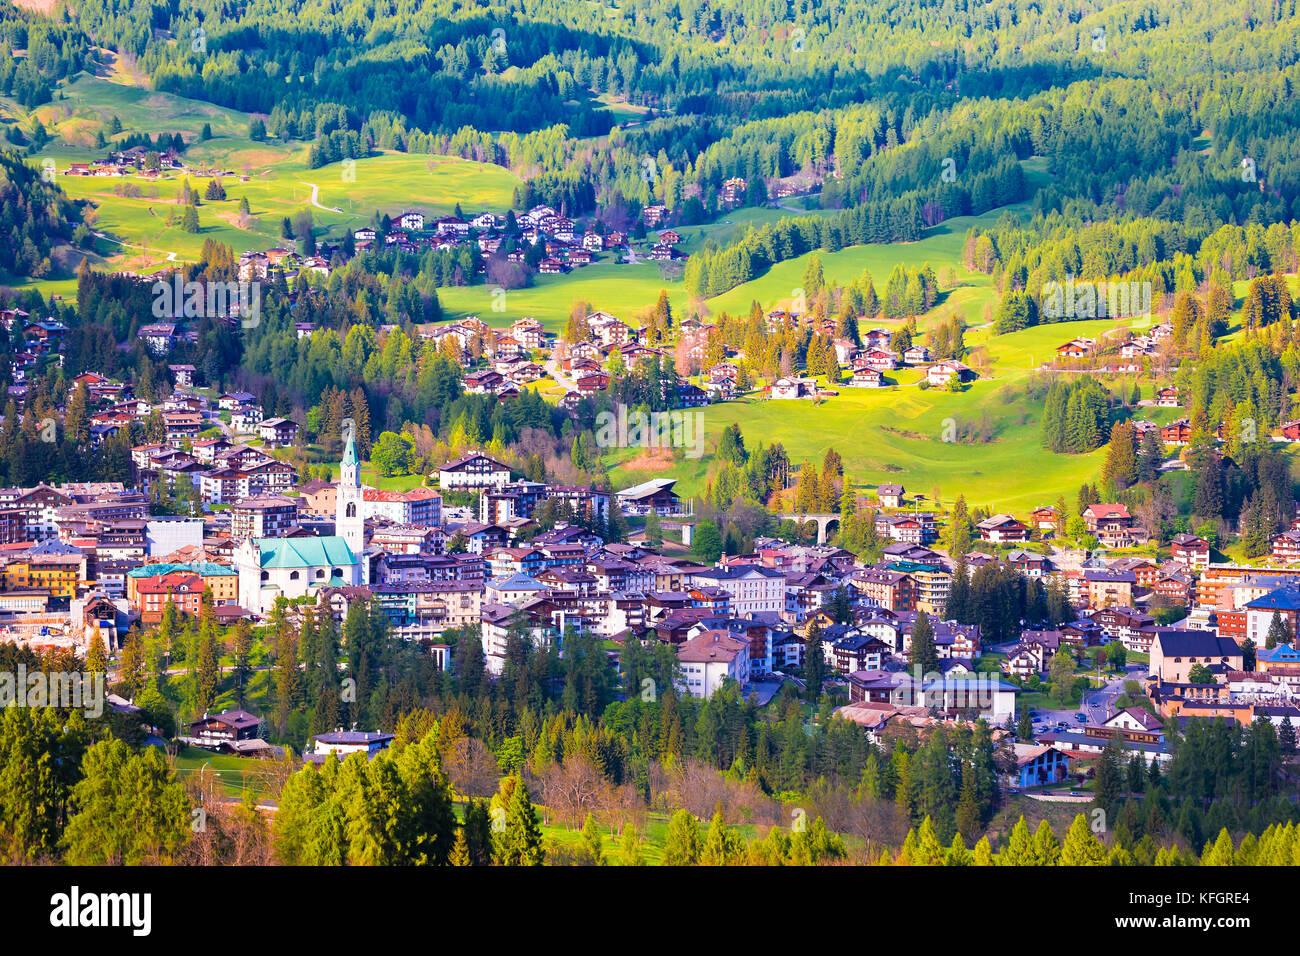 Alpne paisaje verde de Cortina d'Ampezzo, ciudad en Dolomitas Alpes, región del Véneto, Italia Foto de stock